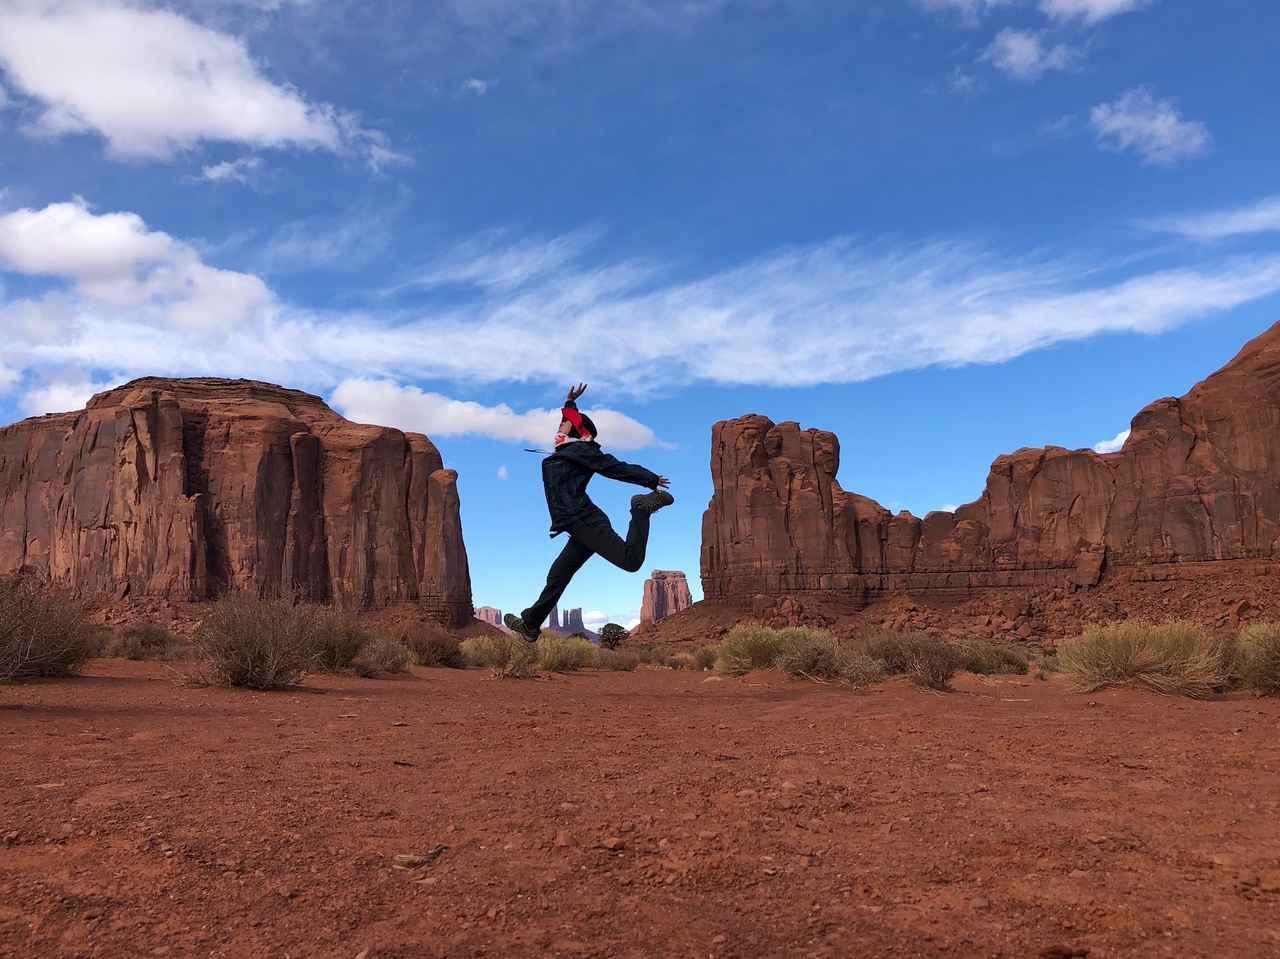 画像19: 【地球を走ろう】赤土のパワースポット セドナマラソン アメリカのグランドサークルも楽しむ ツアーレポート